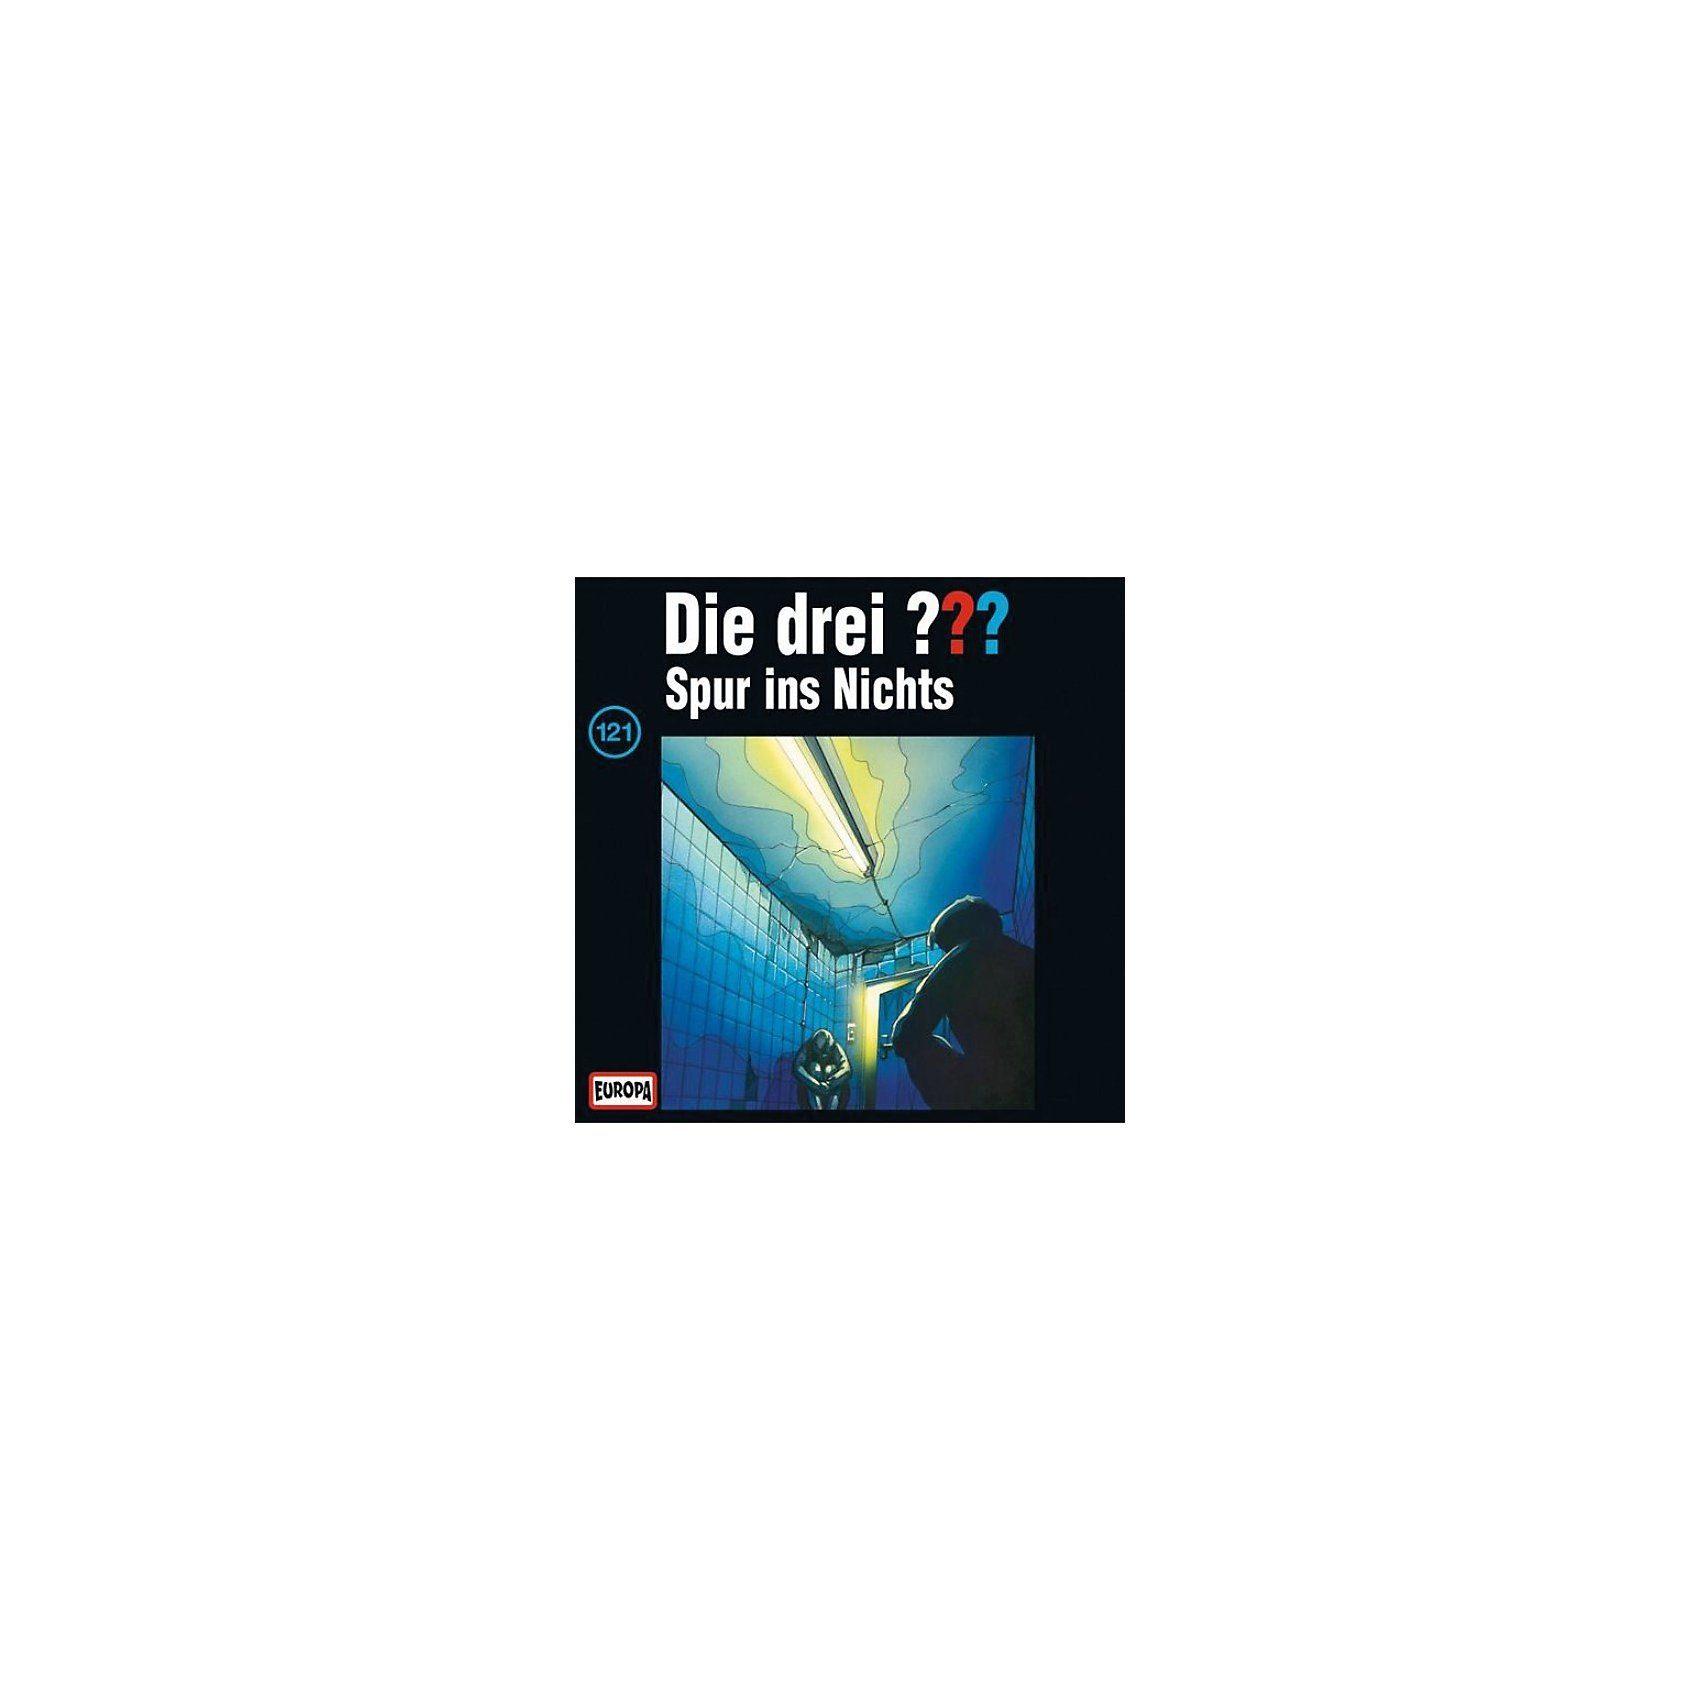 SONY BMG MUSIC CD Die drei ??? 121 (Spur ins Nichts)